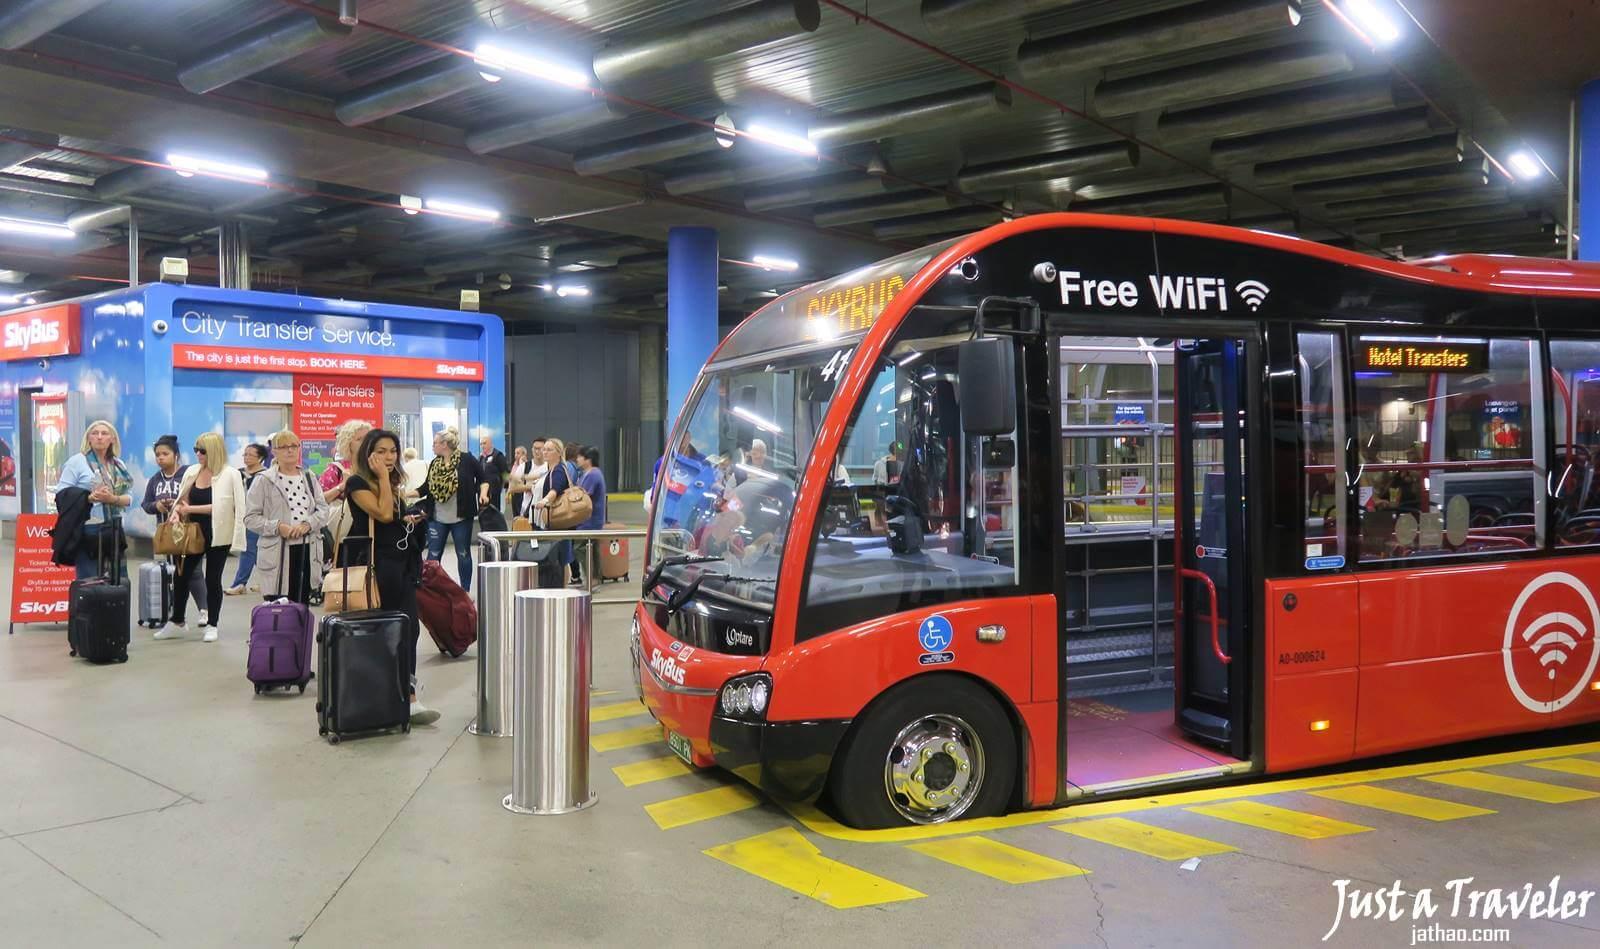 墨爾本交通|如何往返機場 & 市區? 6大交通方式攻略!